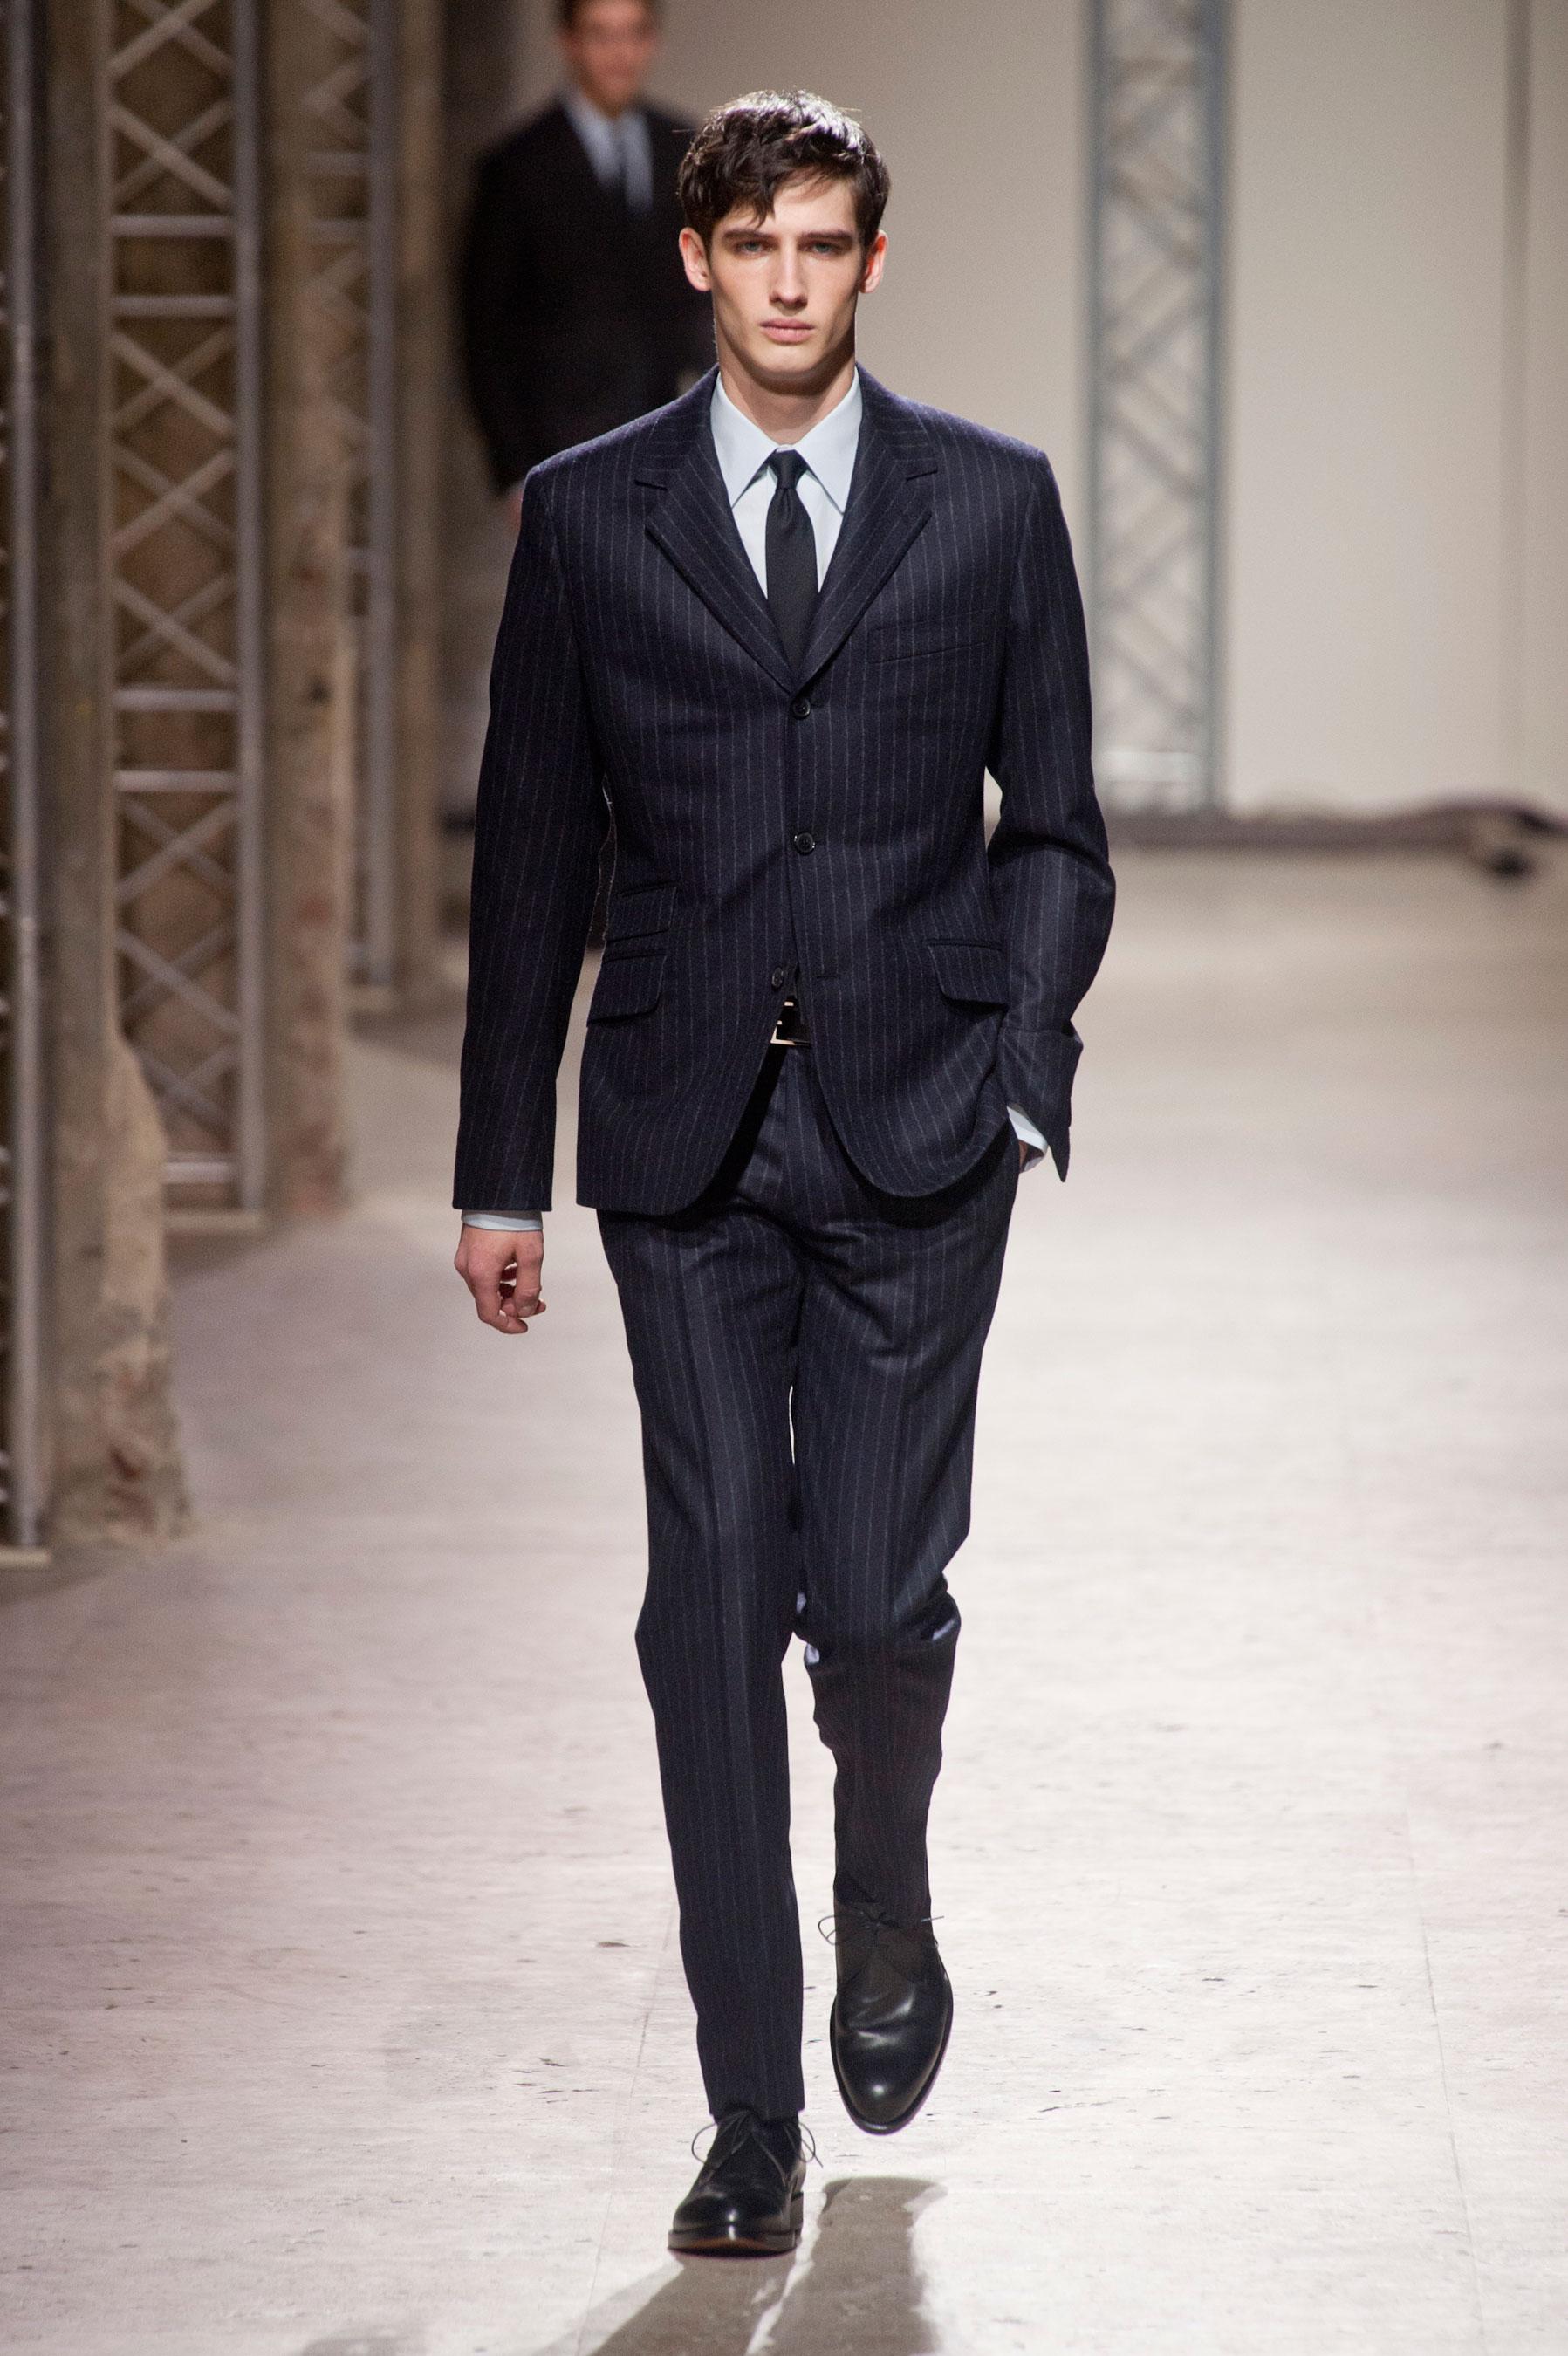 3331acb6a00 ... 12 · Défilé Hermès Homme Automne-hiver 2014-2015 photo 13 ...